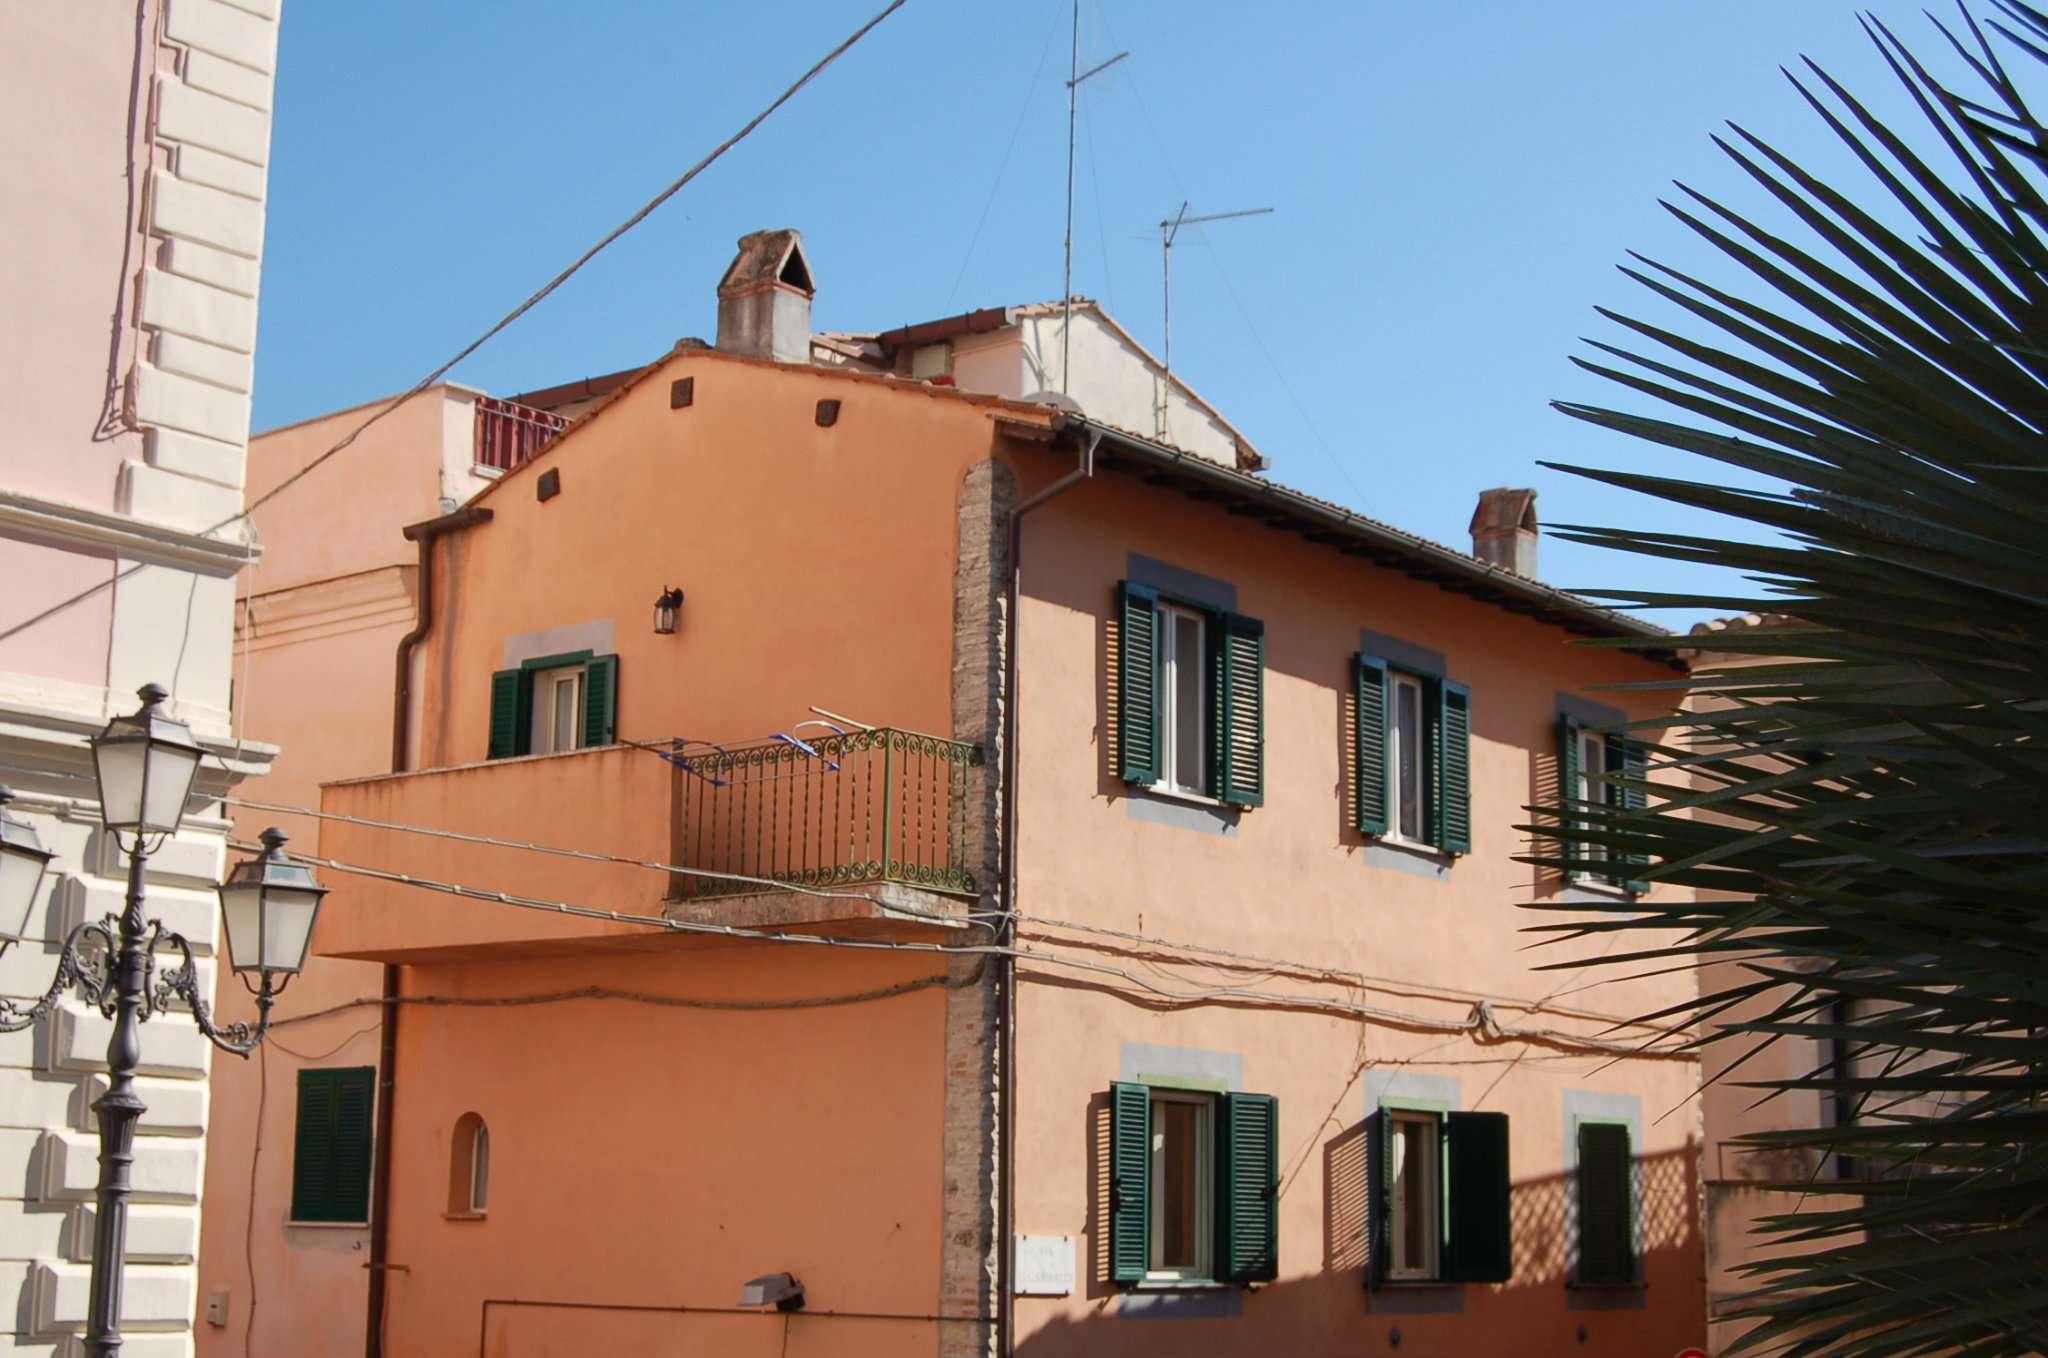 Appartamento in vendita a Fiano Romano, 2 locali, prezzo € 69.000 | CambioCasa.it